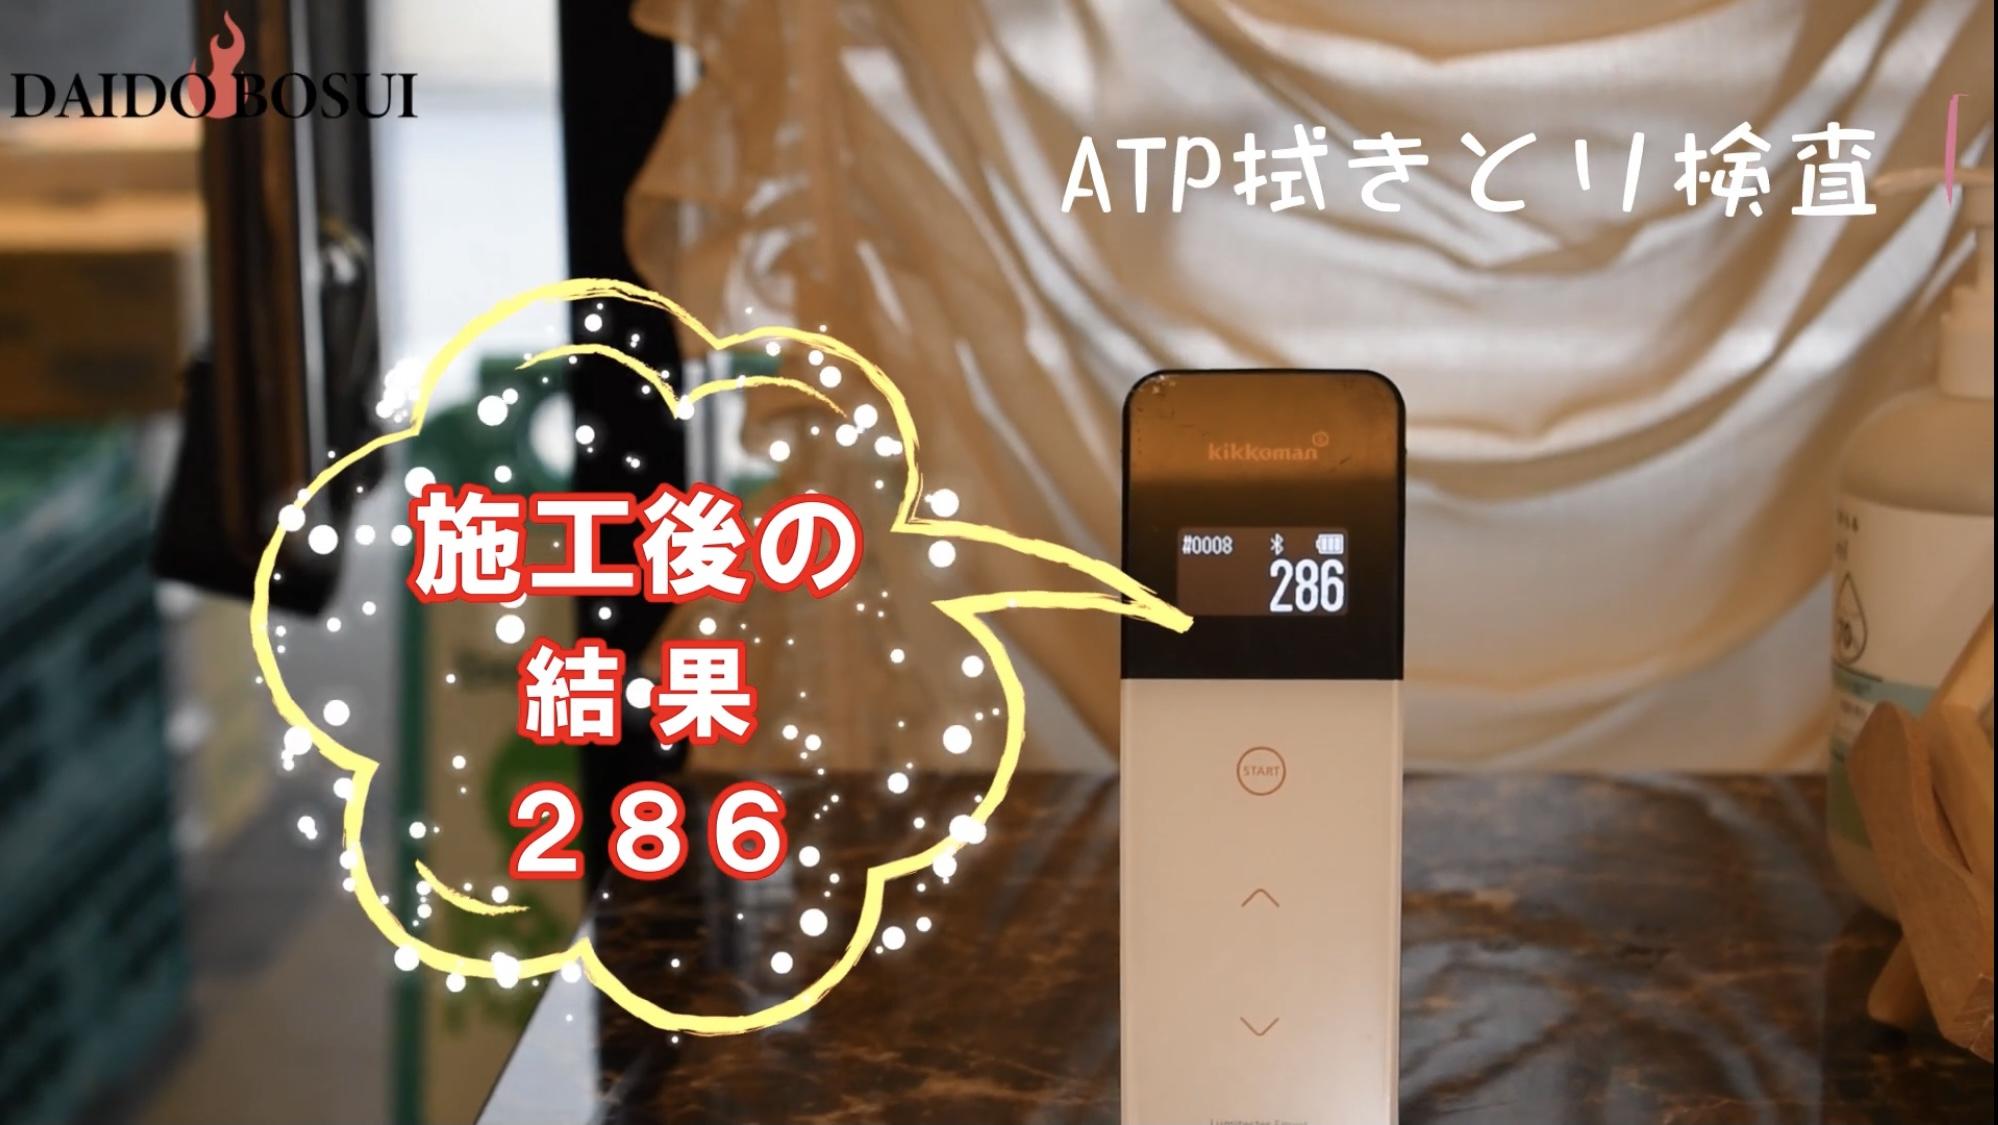 除菌後のドアノブのATP測定値は286でした